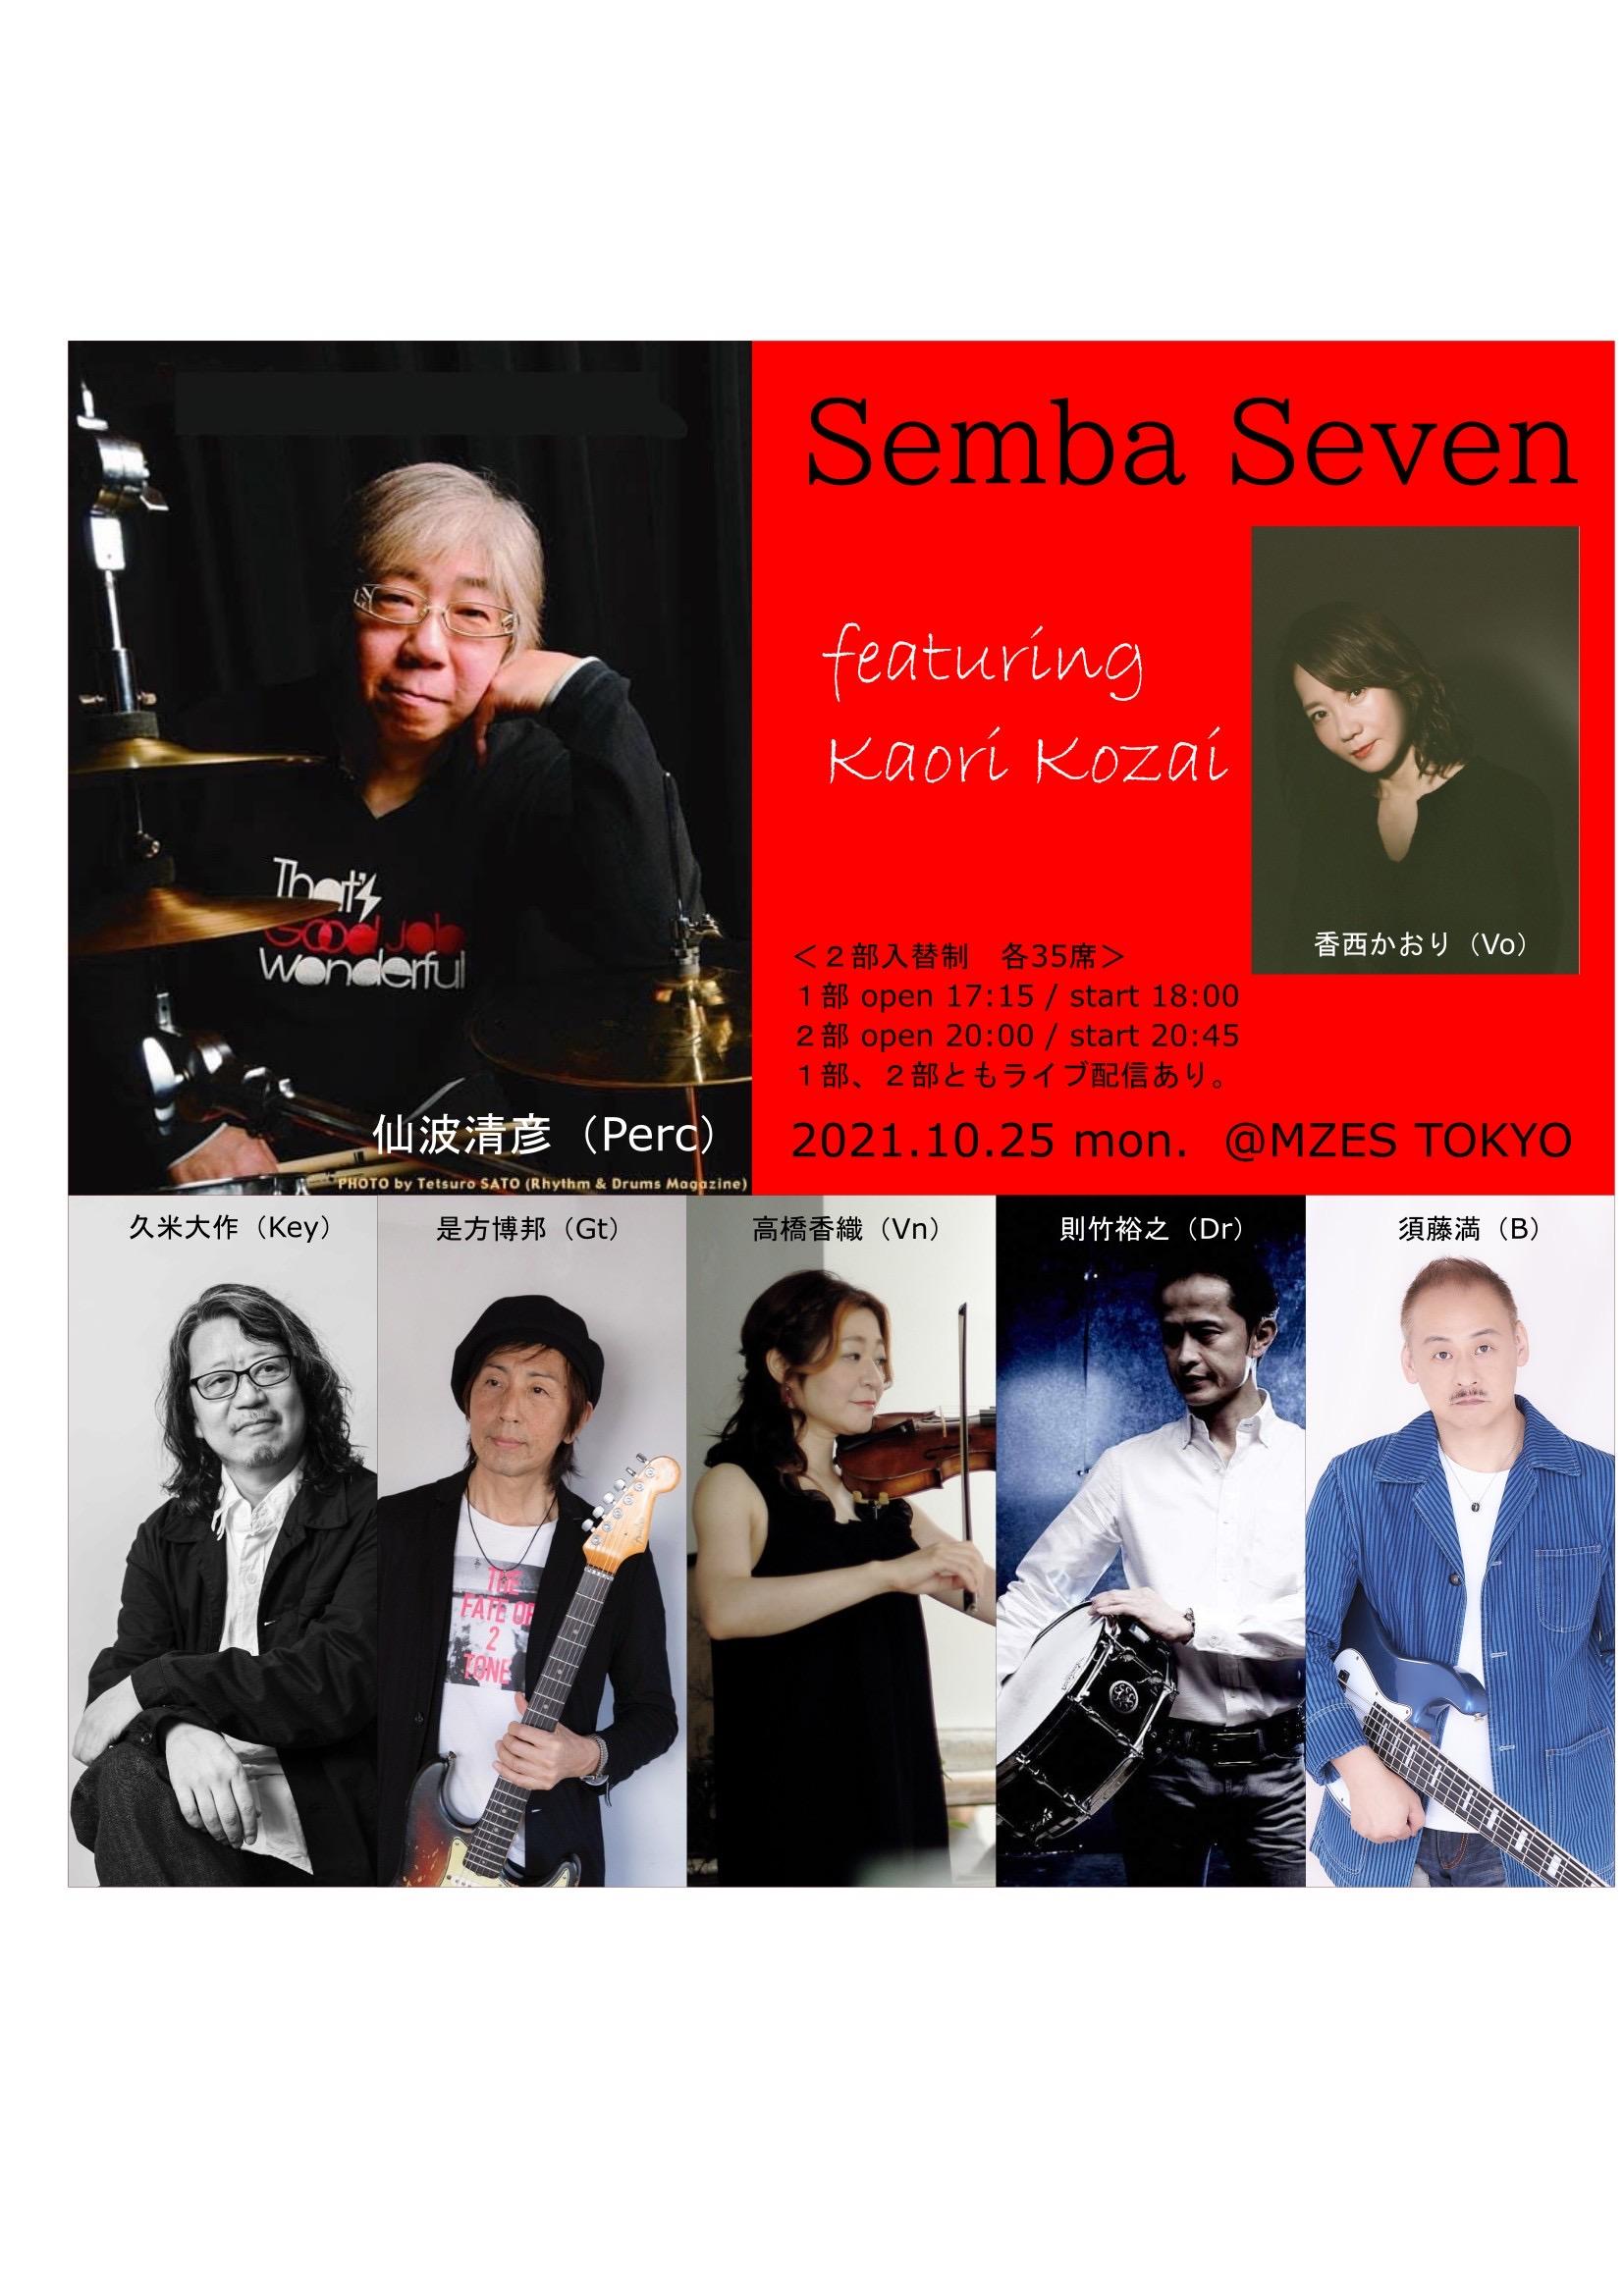 【1部配信チケット】Semba Seven featuring Kaori Kozai